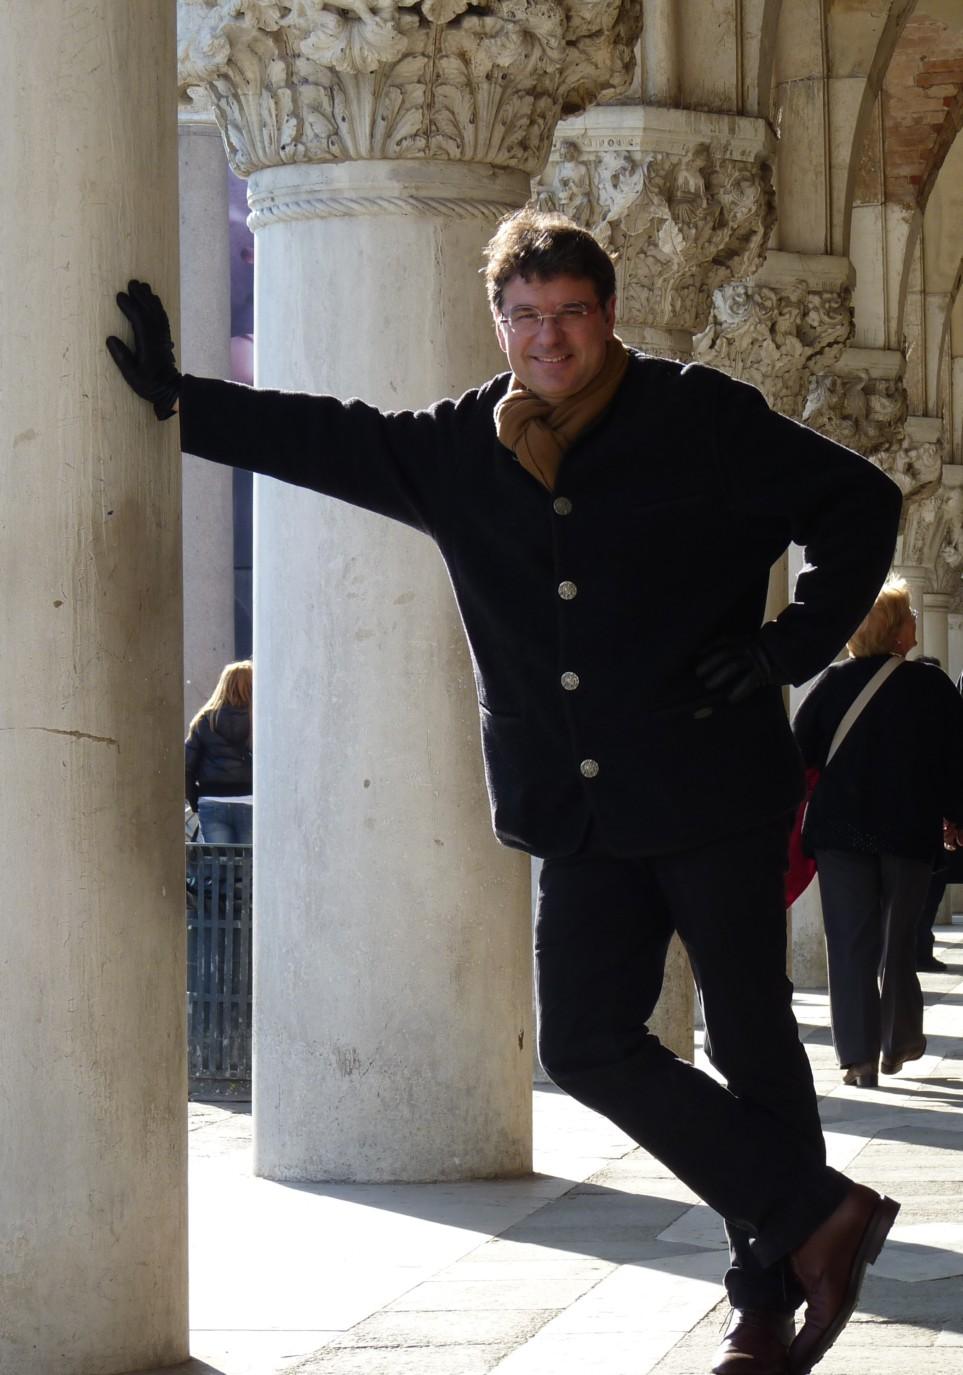 Marzo mese di formazione al Franci di Siena: al via due masterclass di corno e oboe